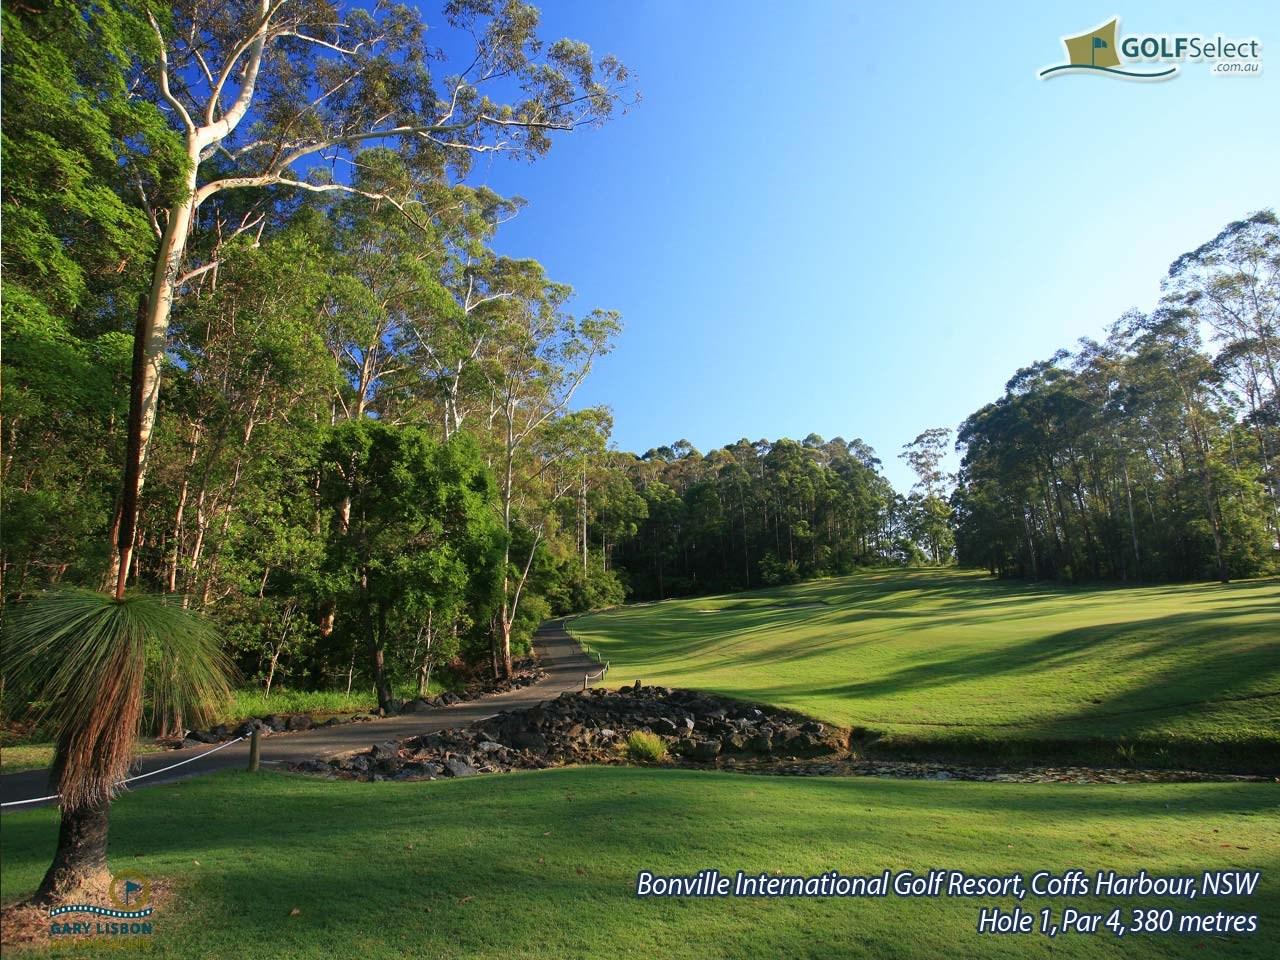 golfselect golf wallpaper bonville golf resort hole 1 par 4 380 metres. Black Bedroom Furniture Sets. Home Design Ideas